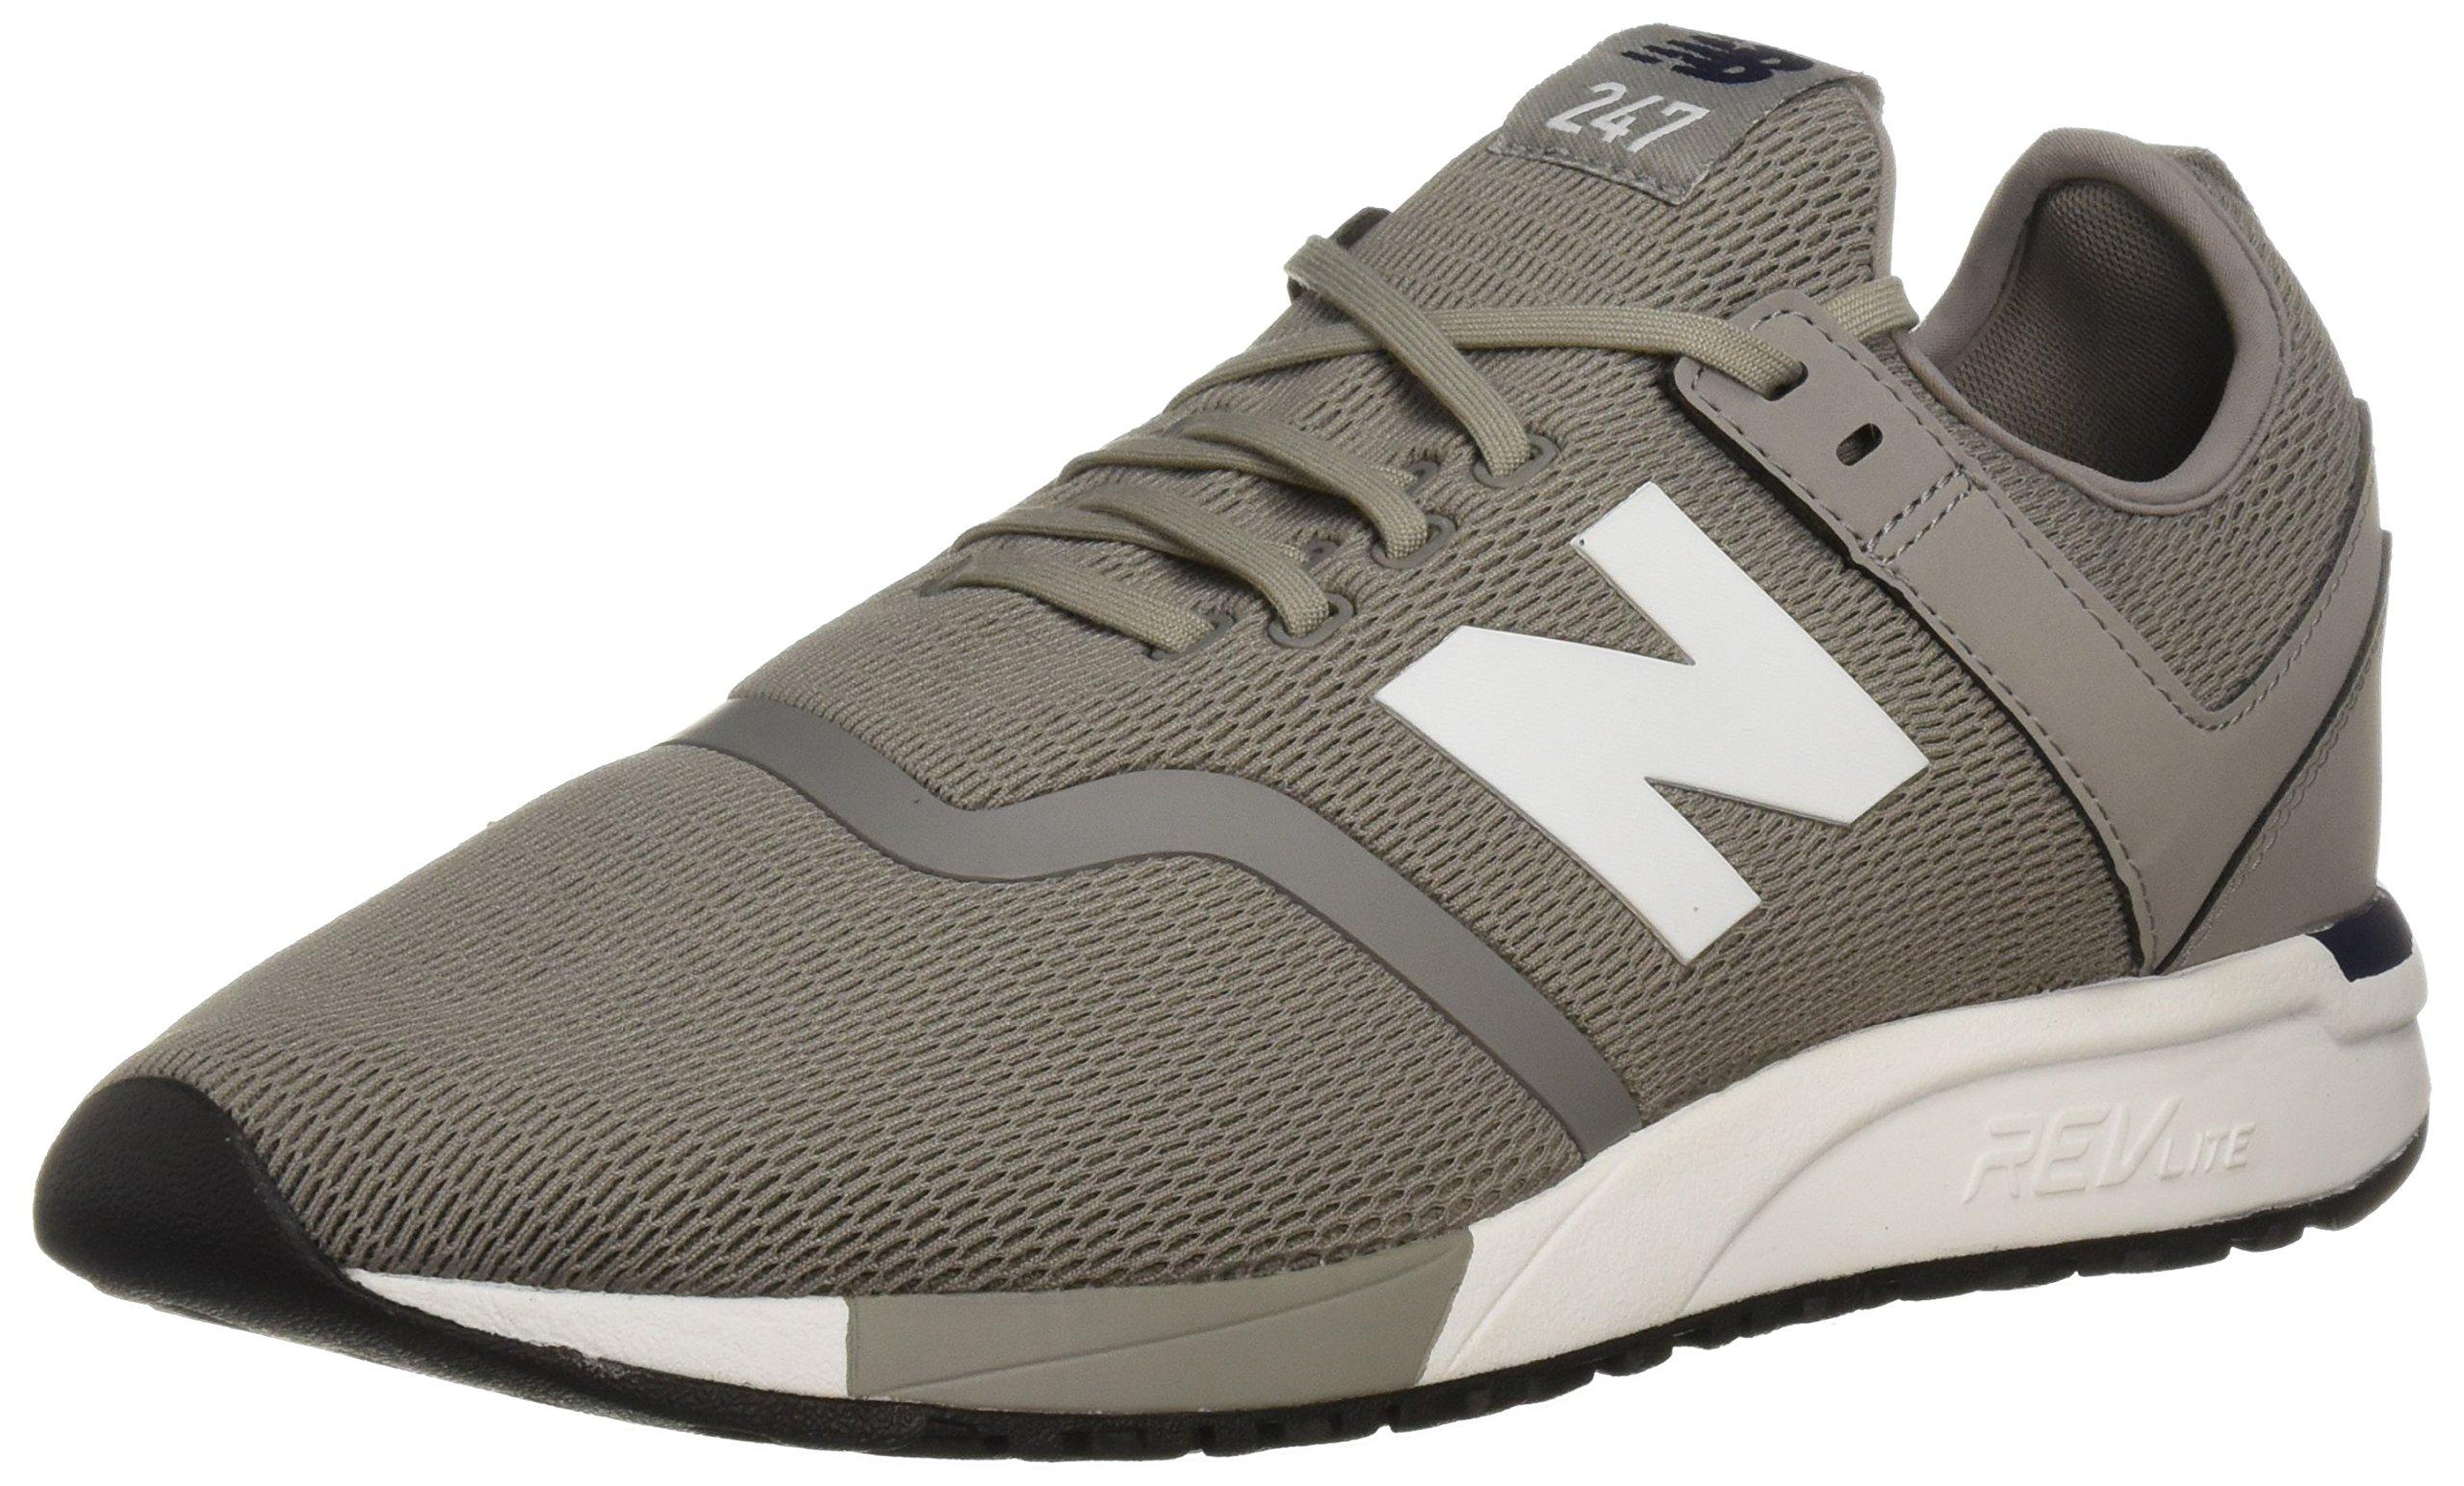 New Balance Men's 247d1 Sneaker, Steel/Pigment, 9 D US